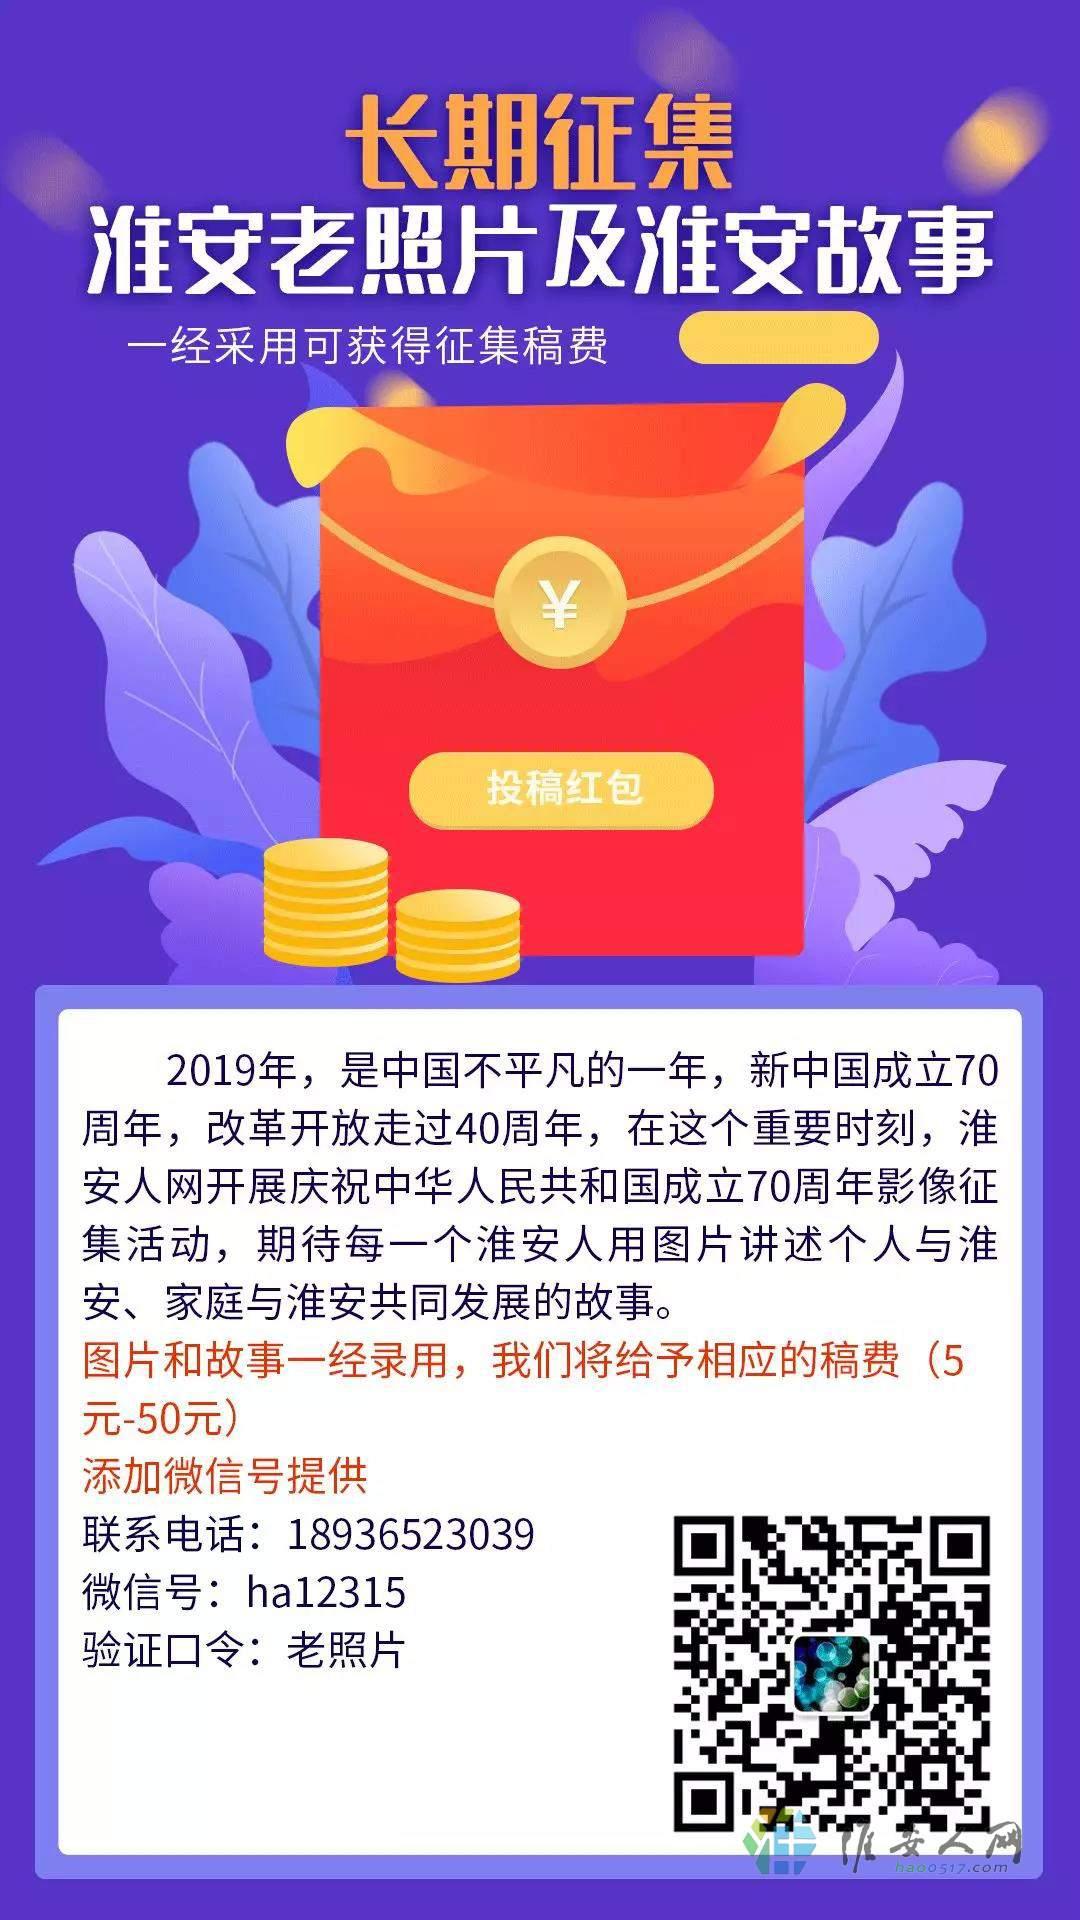 微信图片_20190620111412.jpg